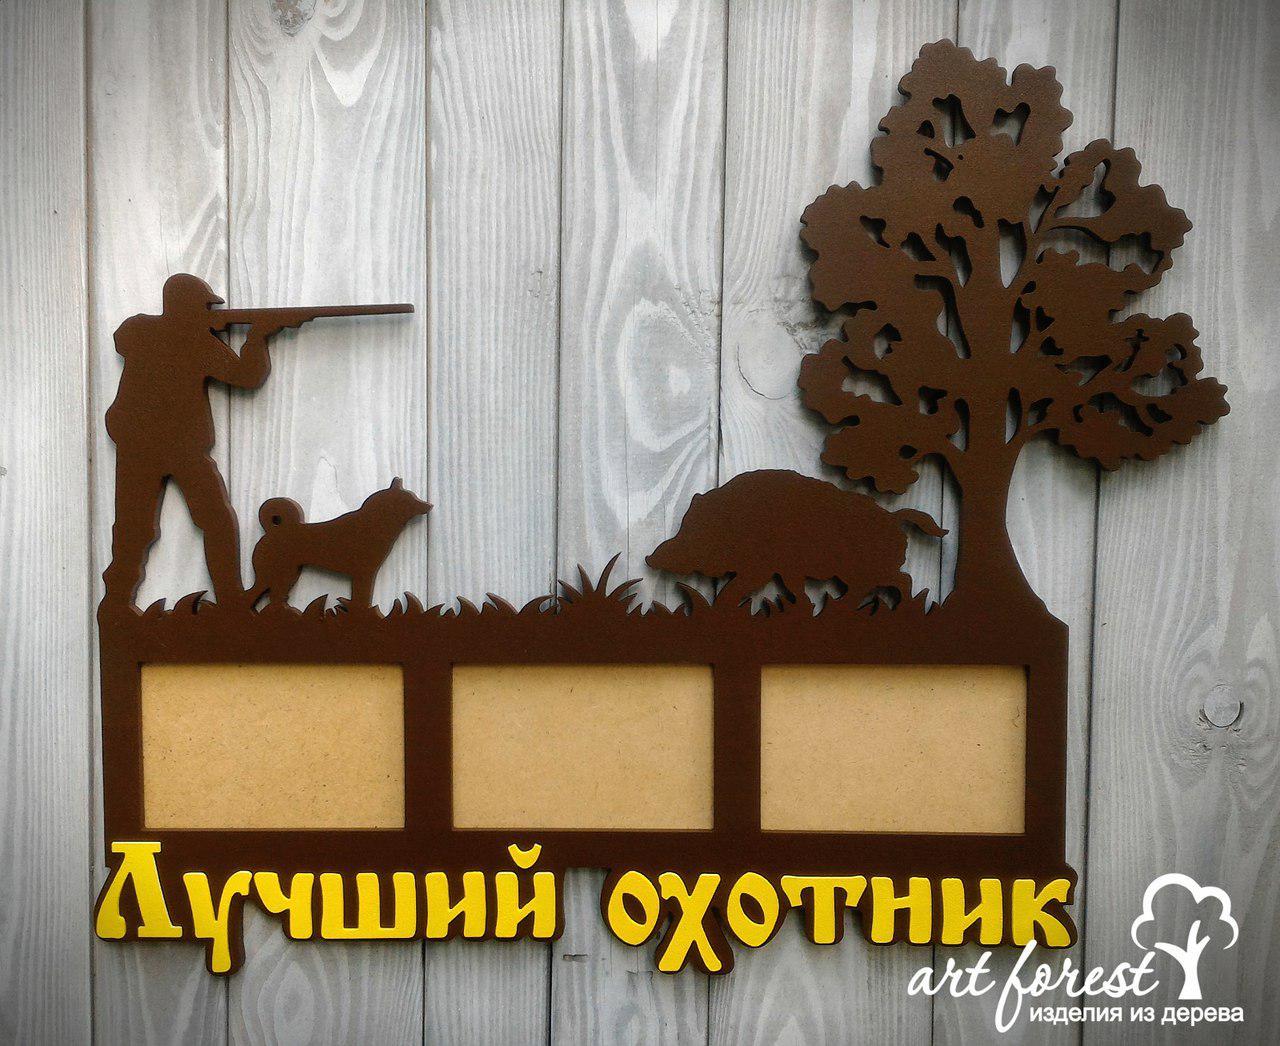 Фоторамка из дерева с надписями - для охотника